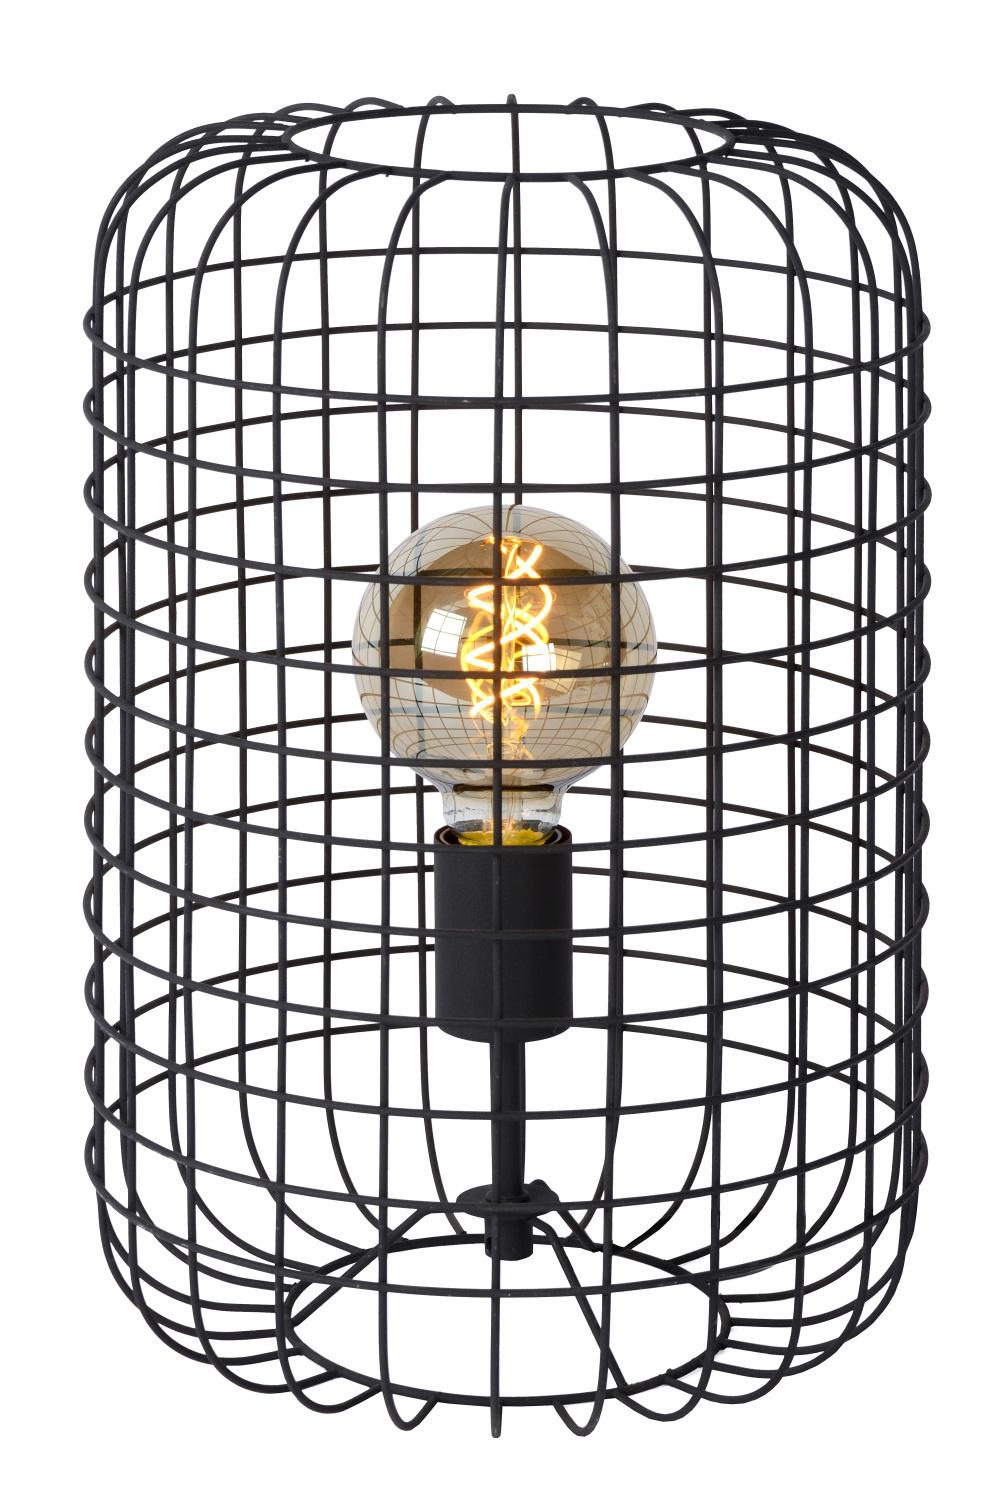 Lucide ESMEE Tafellamp-Zwart-Ø26-1xE27-60W-Metaal